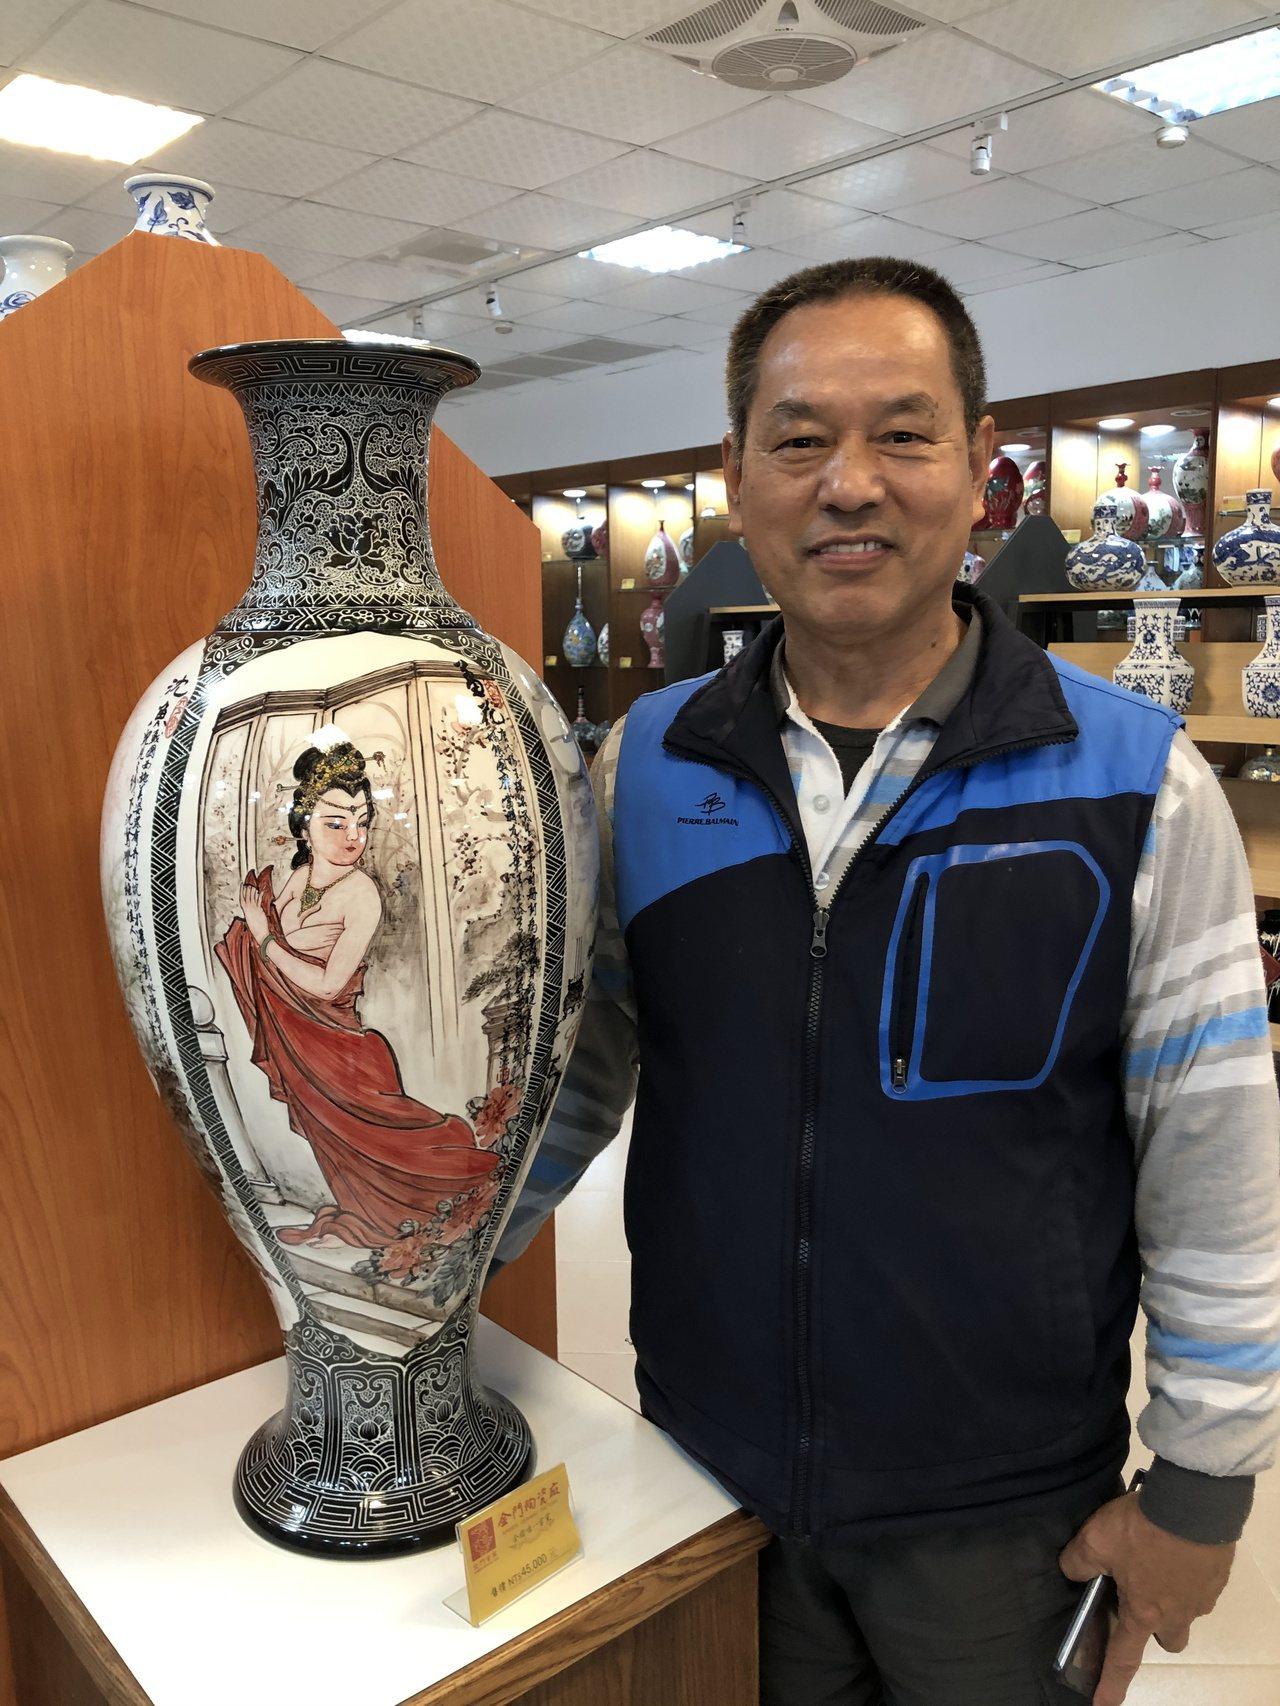 董加添擅長畫山水與人物等,圖為他畫的中國四大美人瓷瓶。記者蔡家蓁/攝影